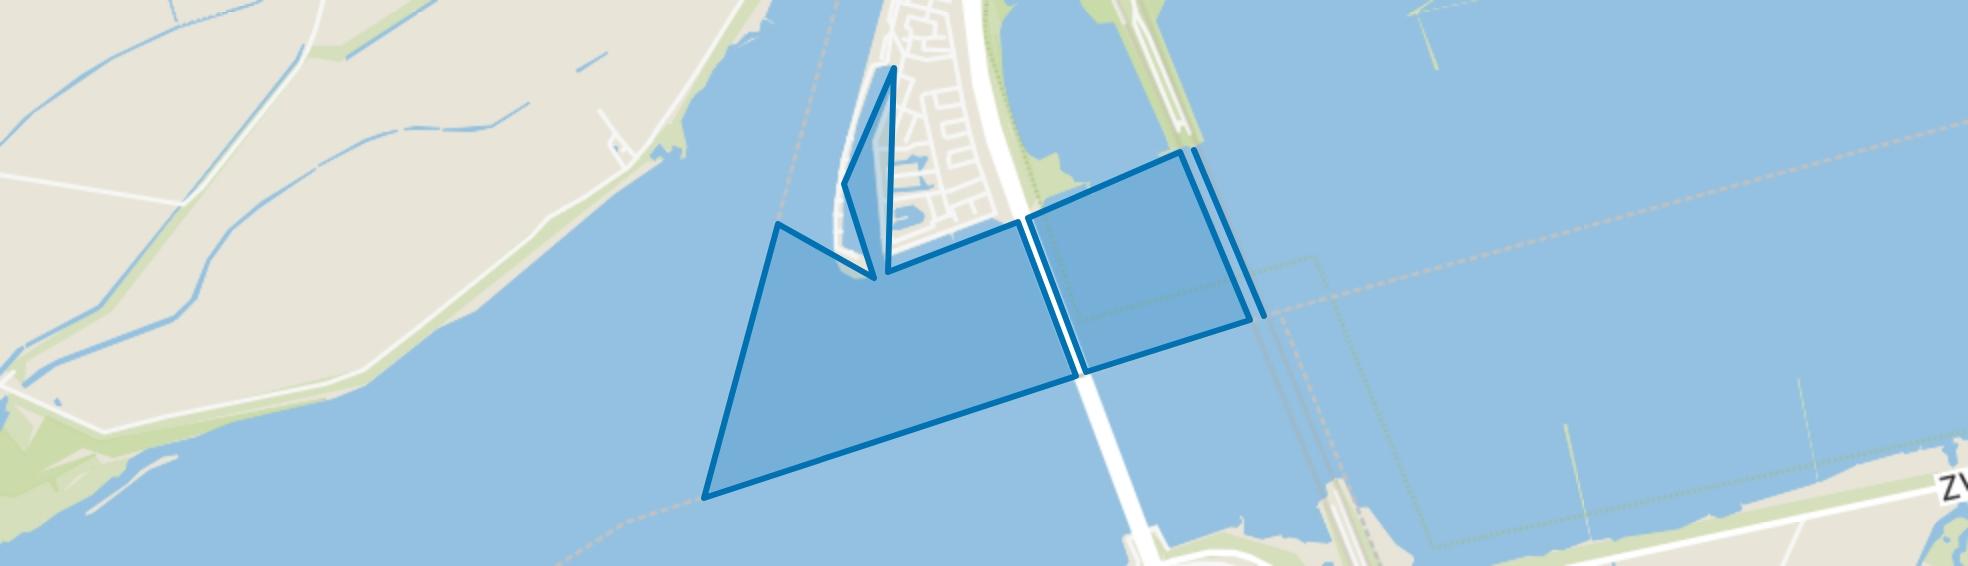 Water, Dordrecht map